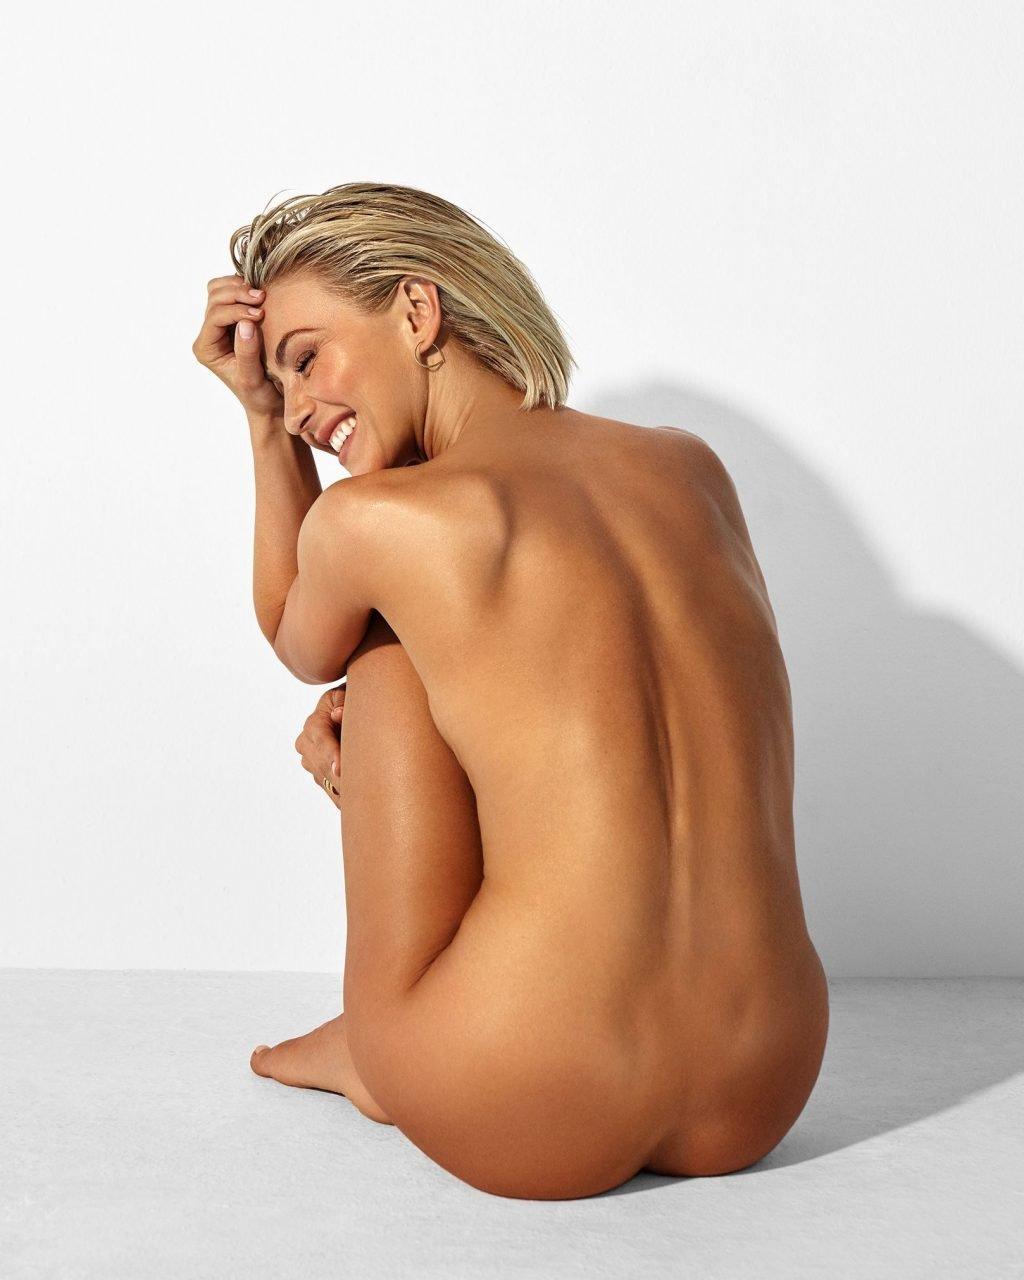 Fotos desnudas de chica blanca sana